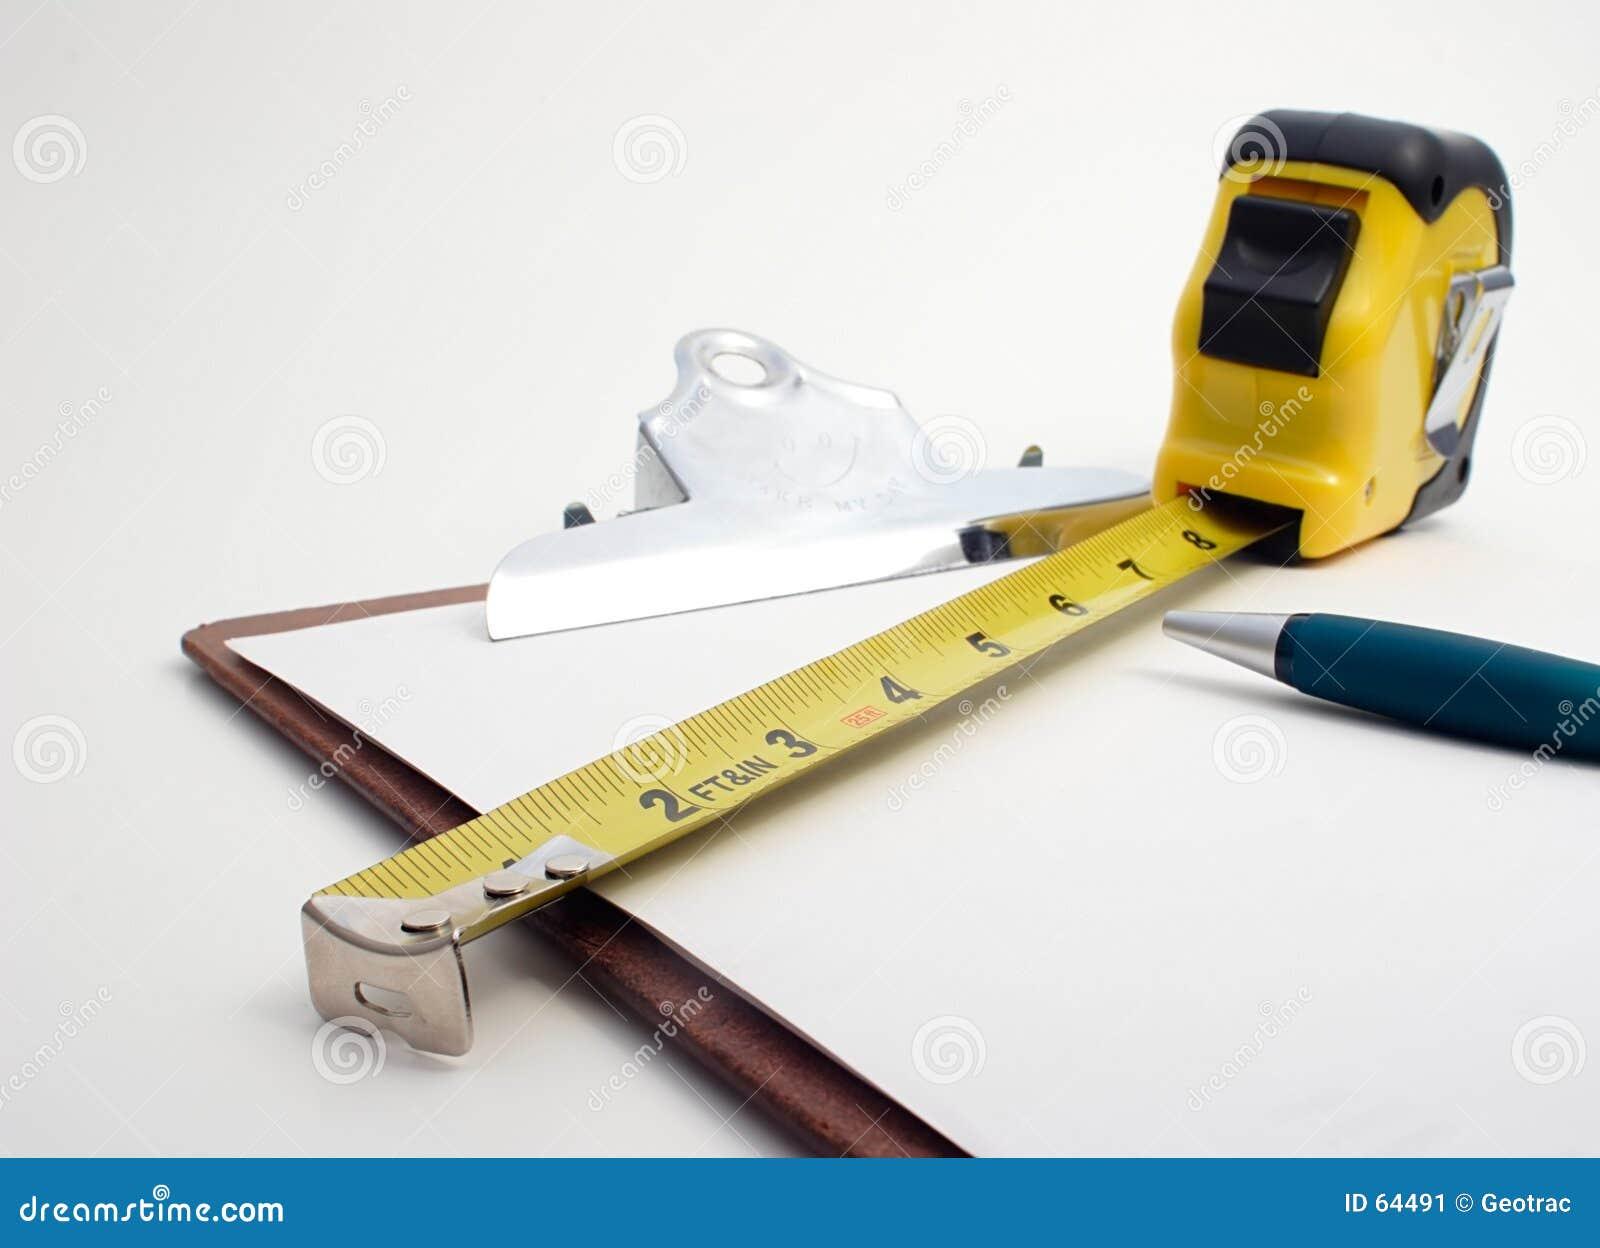 Construction mesurant et estimant des outils